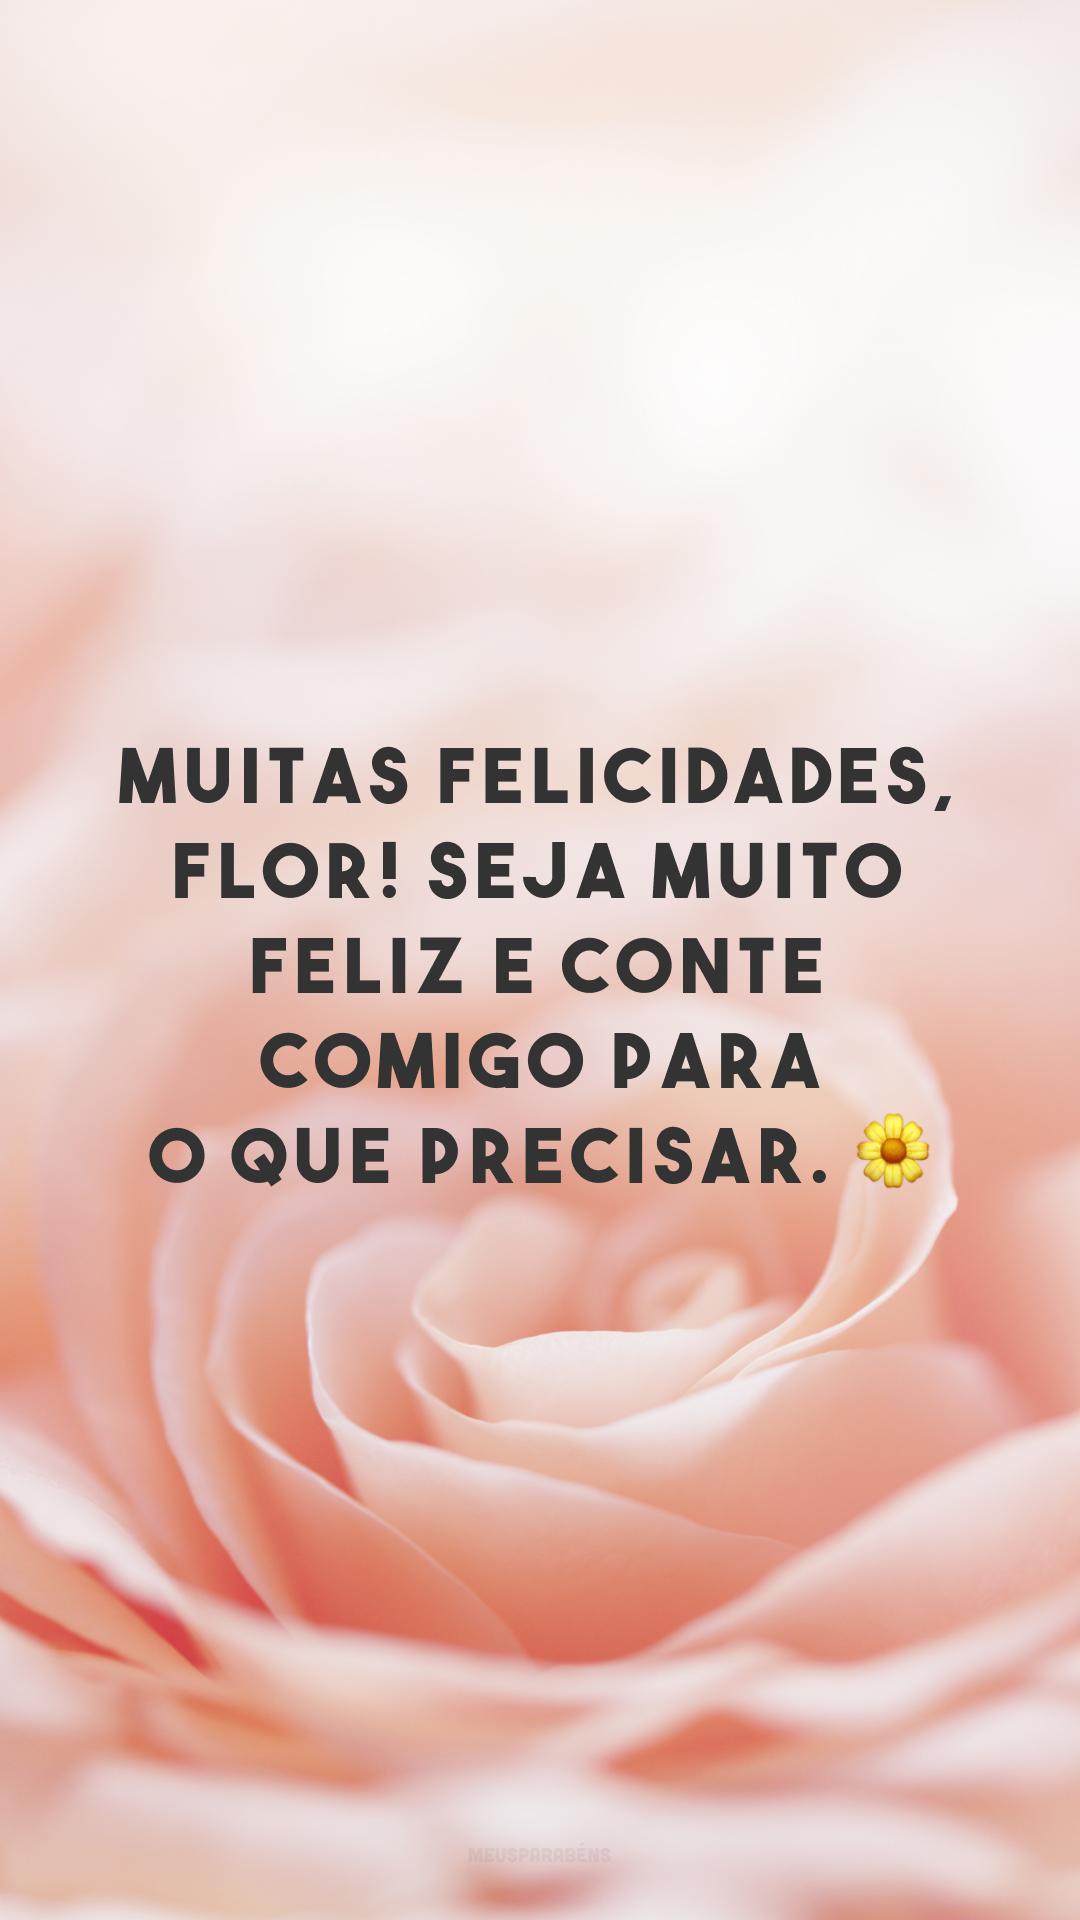 Muitas felicidades, flor! Seja muito feliz e conte comigo para o que precisar. 🌼